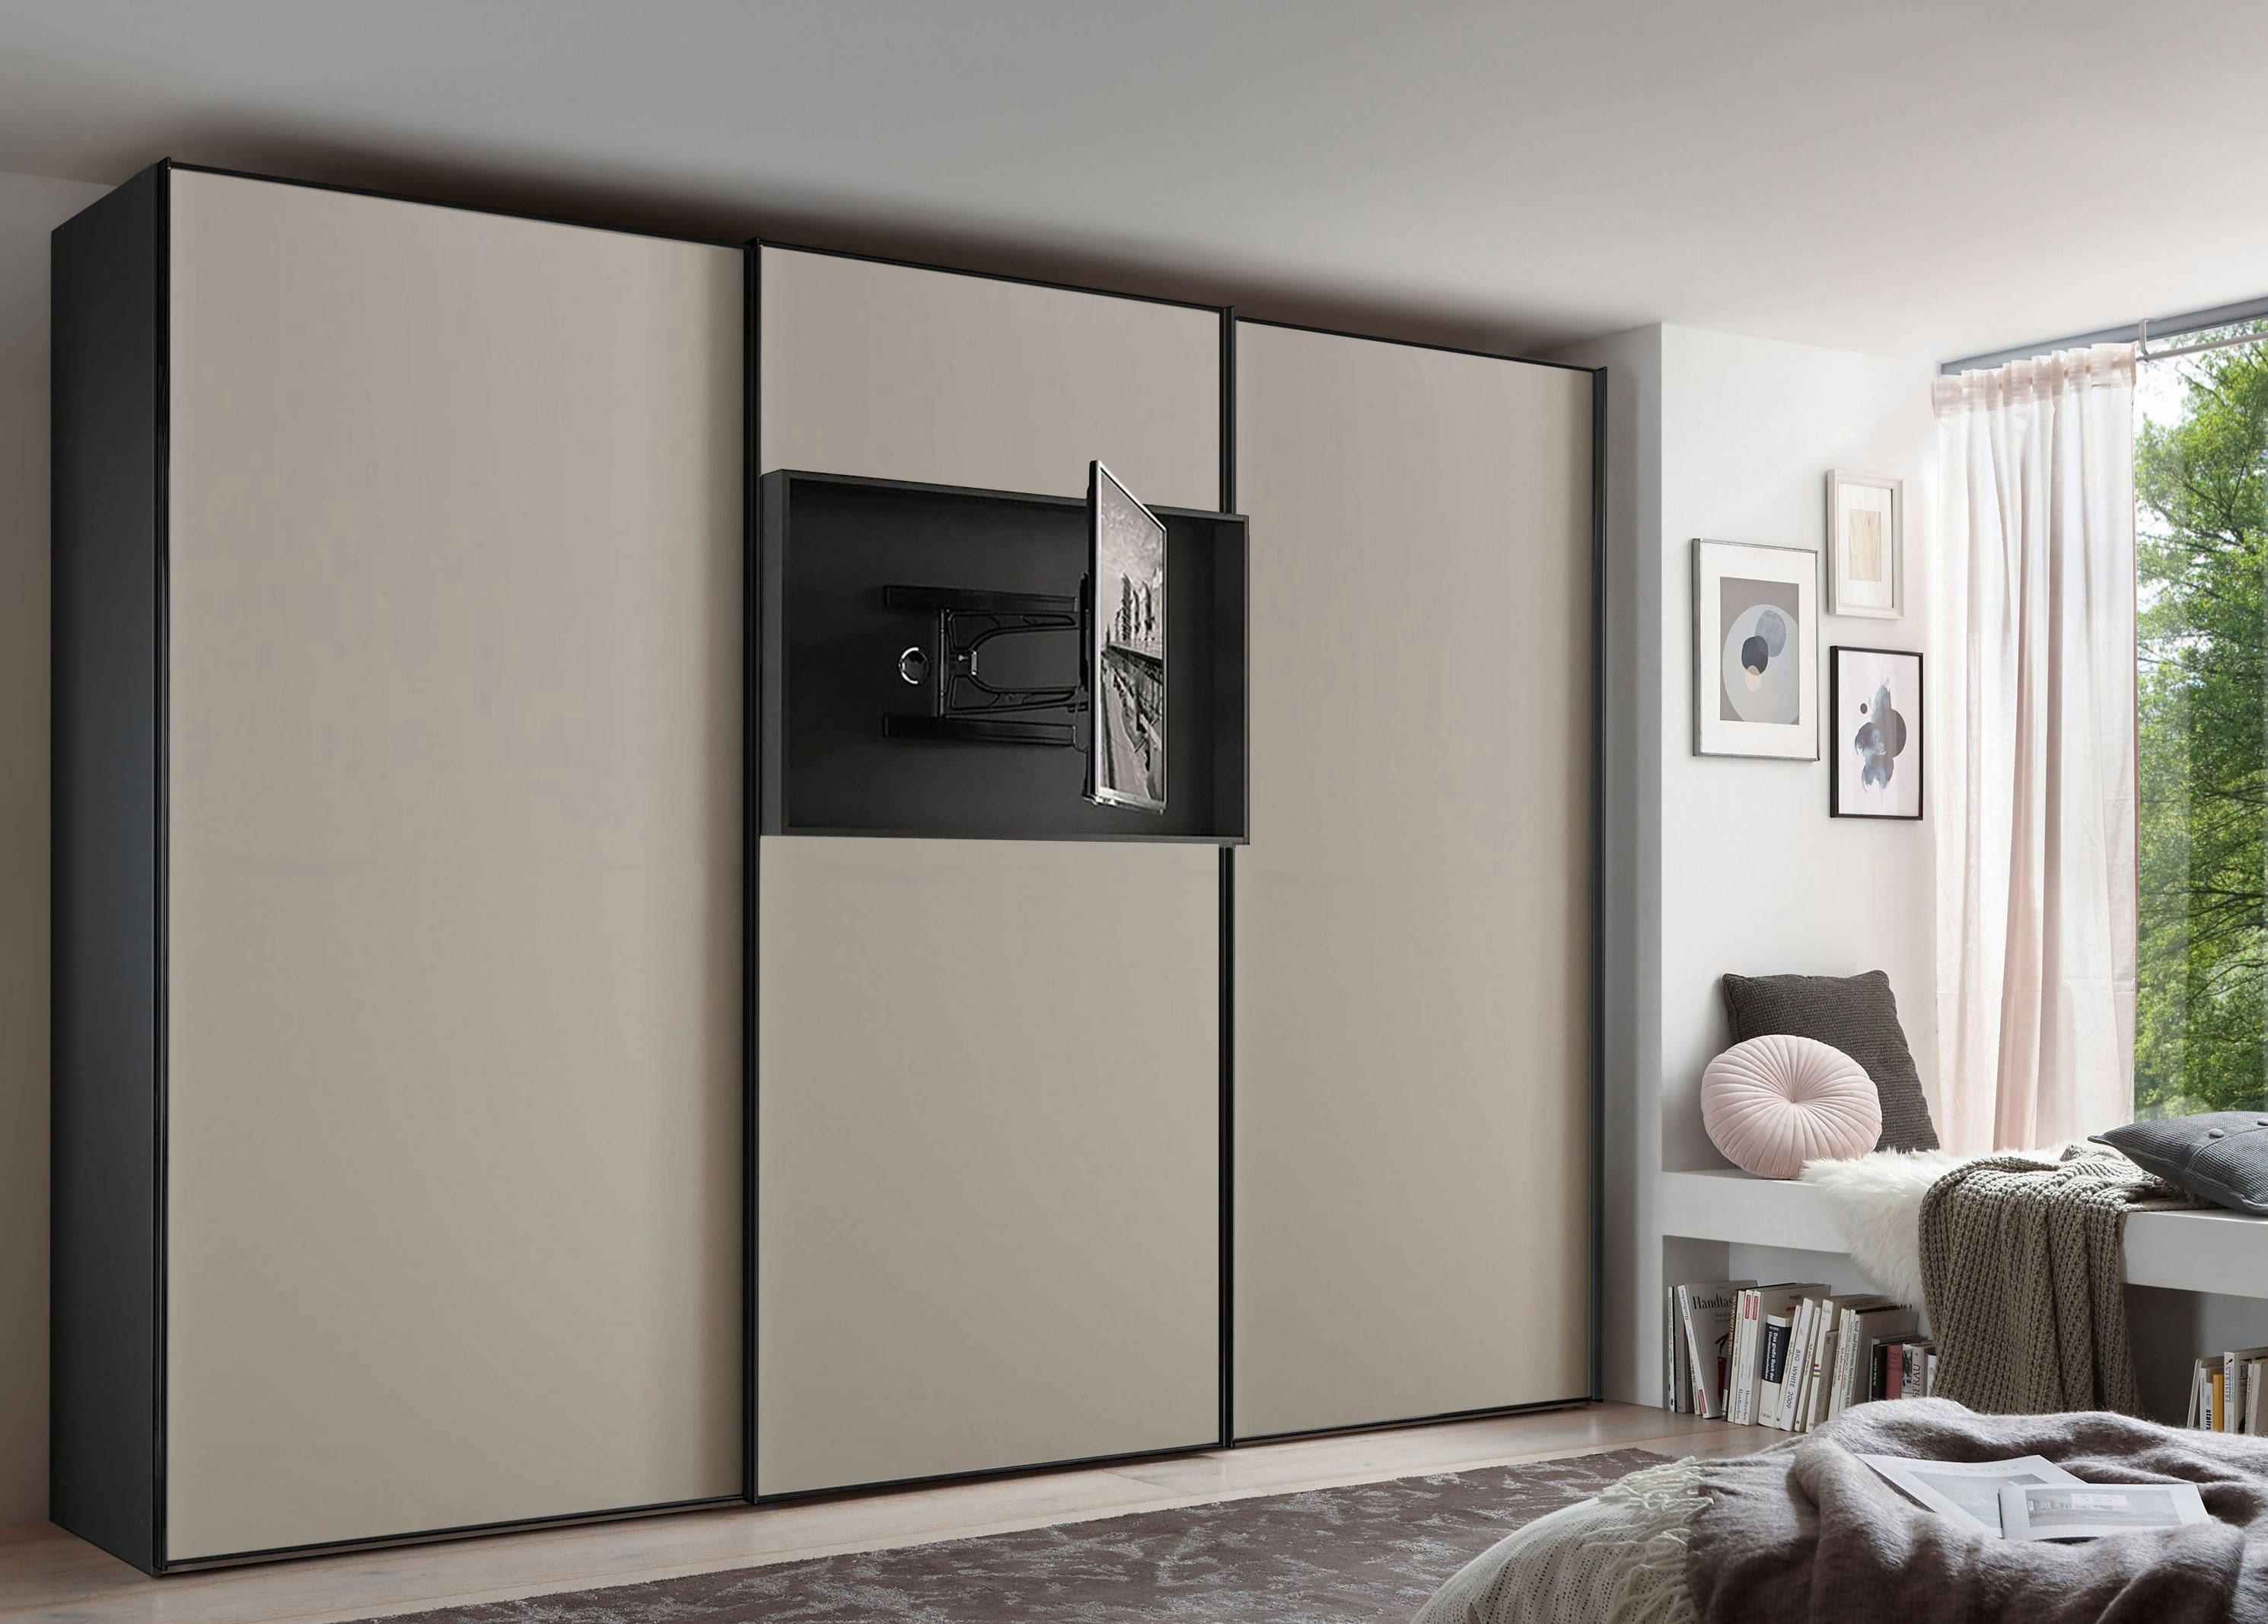 Staud Media Flat Kleiderschrank mit TV Paneel Mattglas in vielen Farben